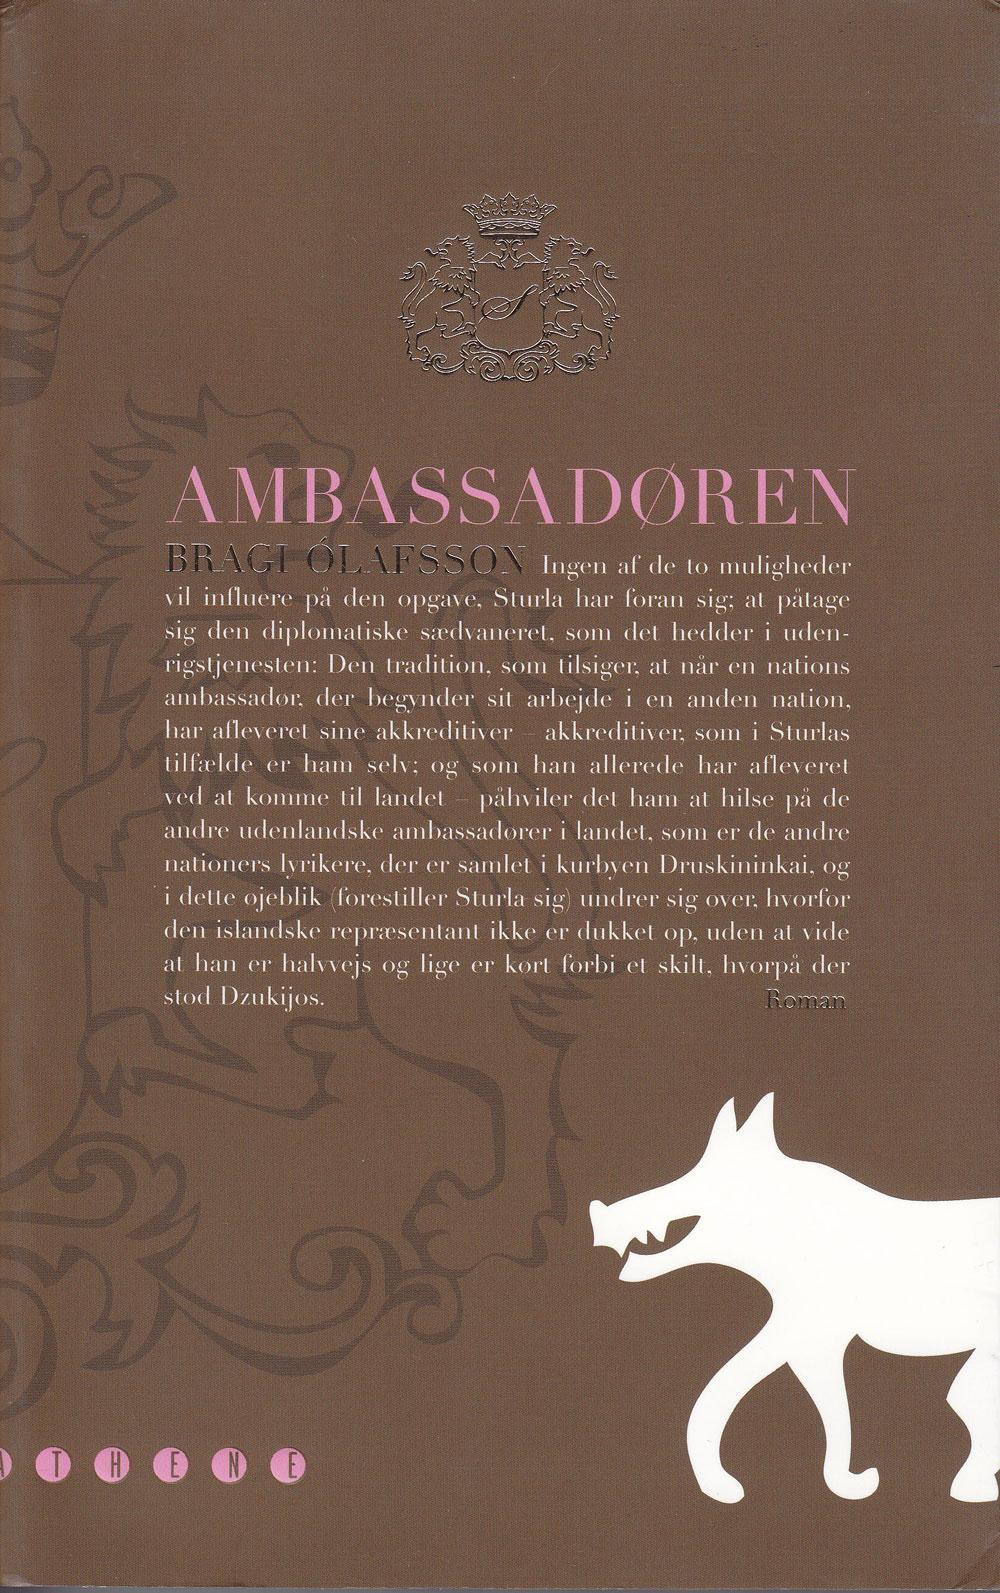 Ambassadoren_web